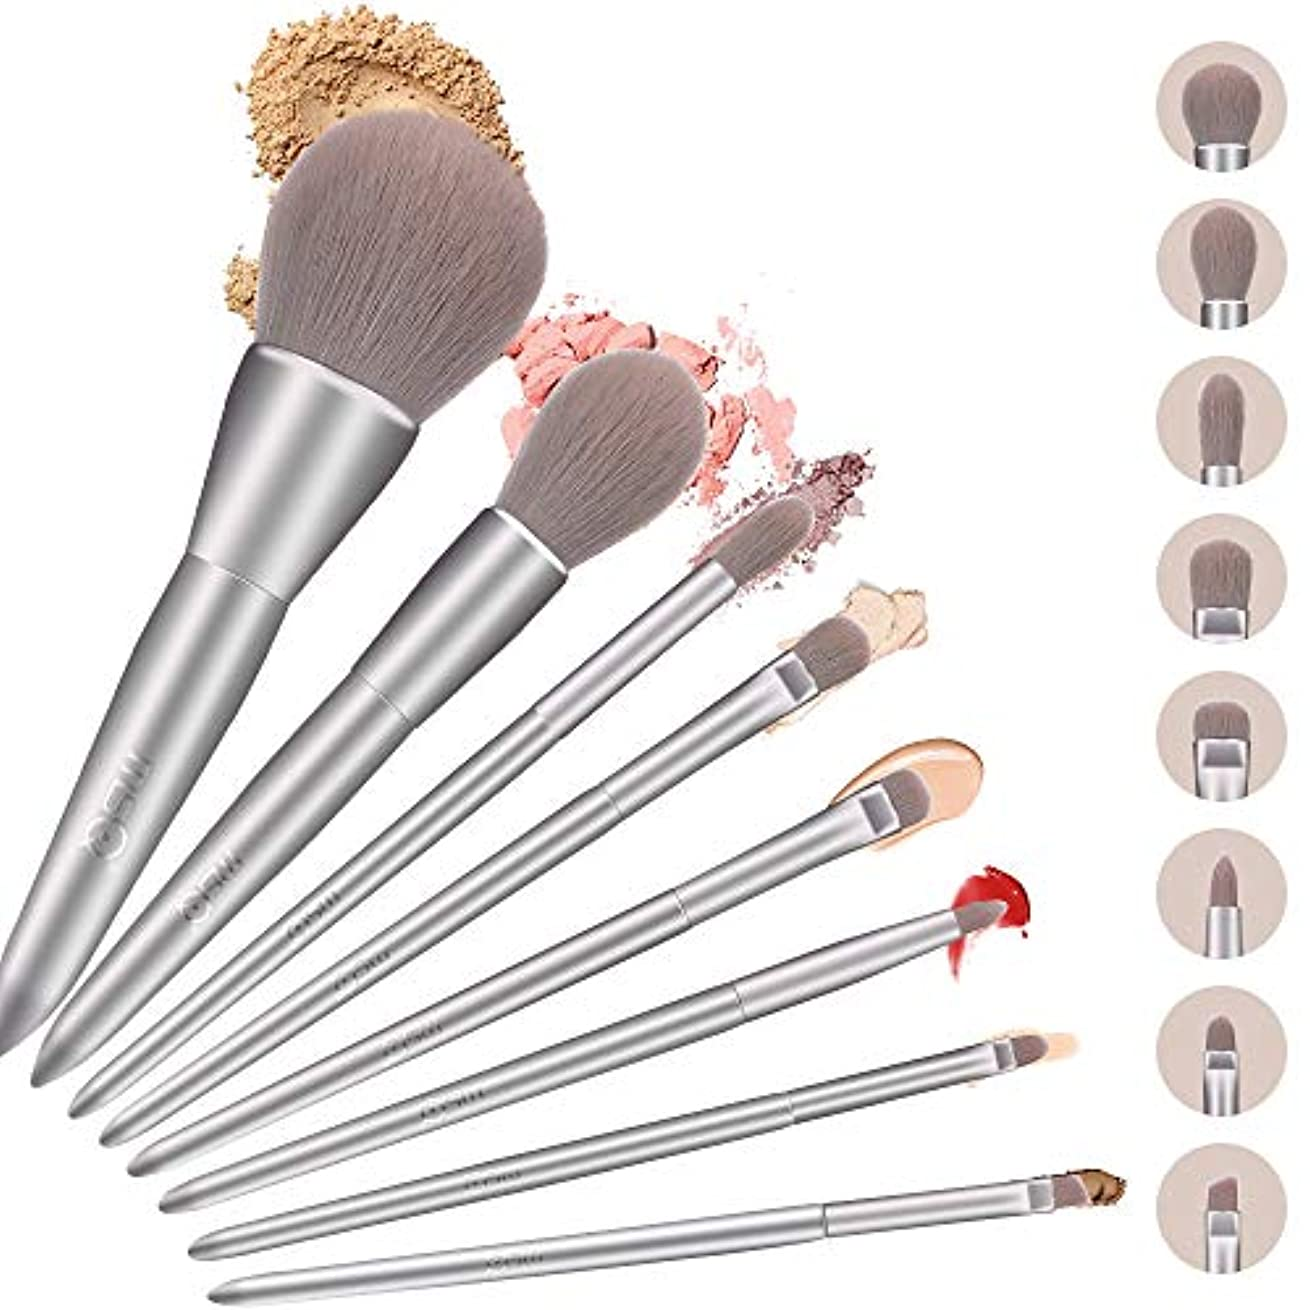 提出する成り立つ地域のMSQ メイクブラシ 8本セット 誕生日プレゼントゃギフトにもおすすめ 化粧プラシ [ フェイスブラシ パウダ一ブラシ アイシャドウブラシ ] 高級繊維毛 日常の化粧 集まる化粧 (銀, 8本)